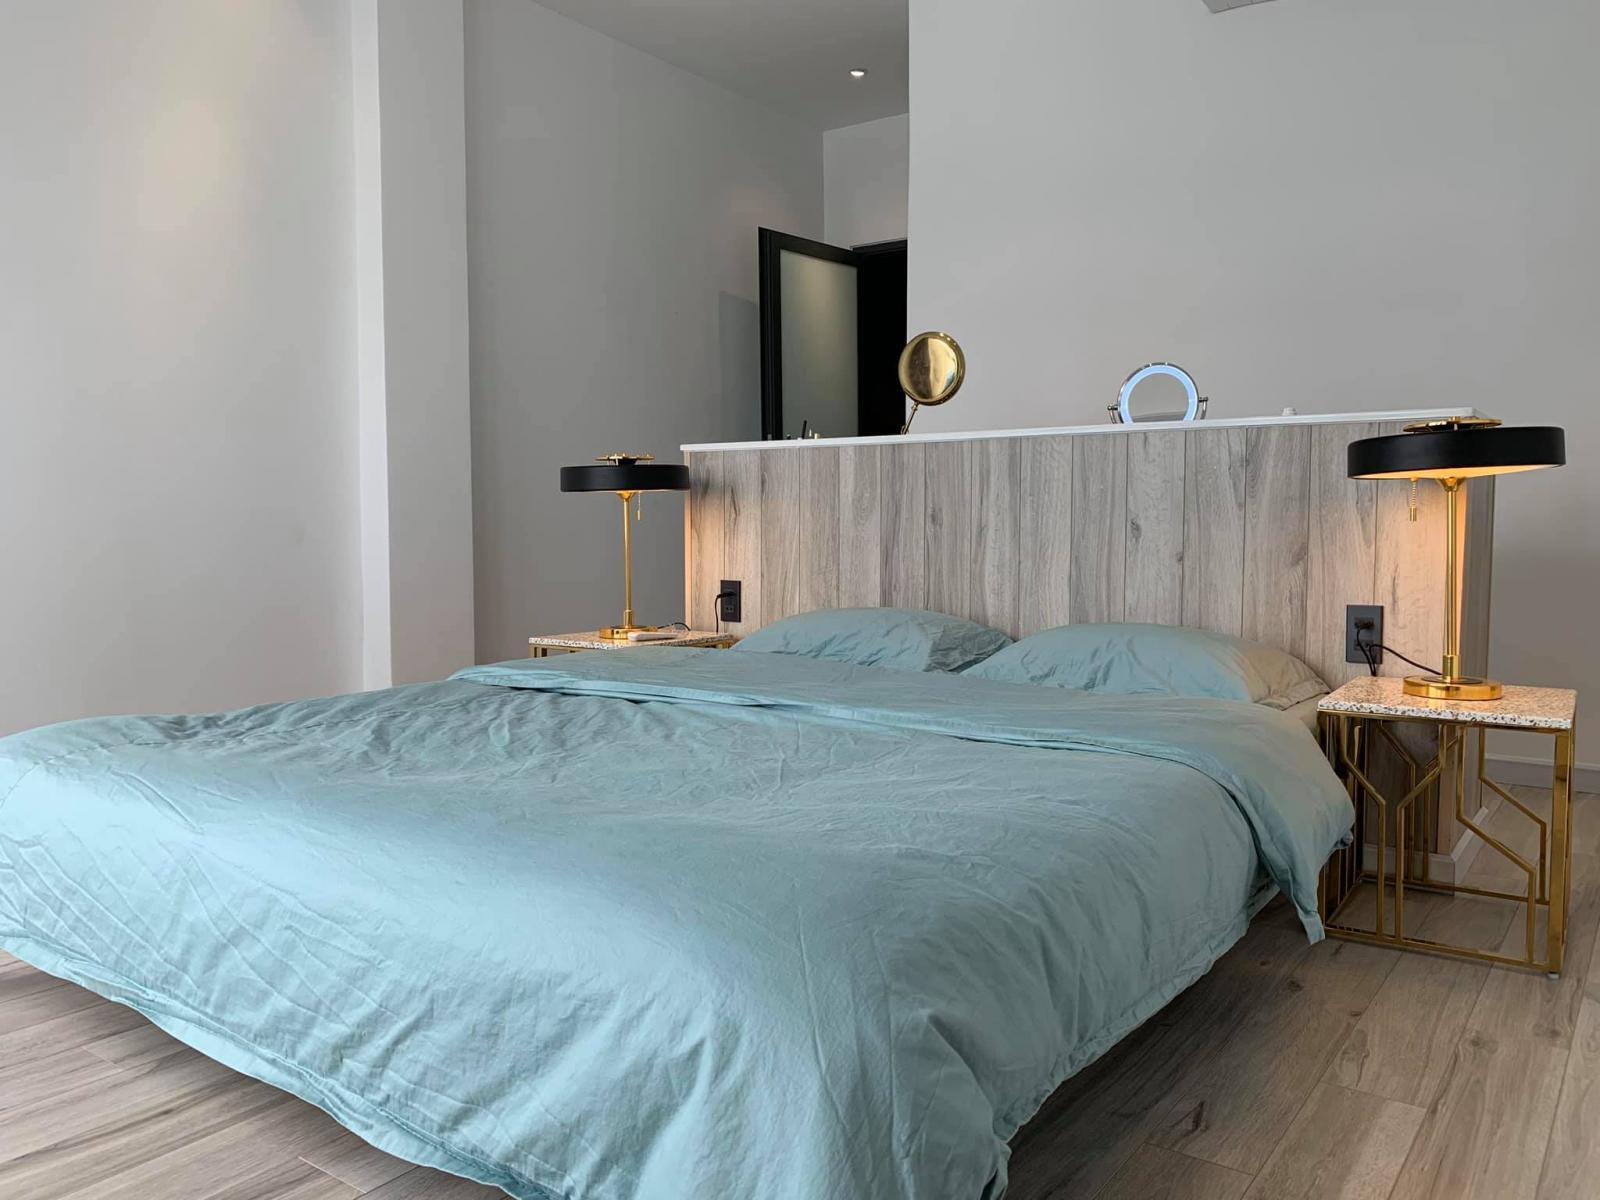 Phòng ngủ của bố mẹ